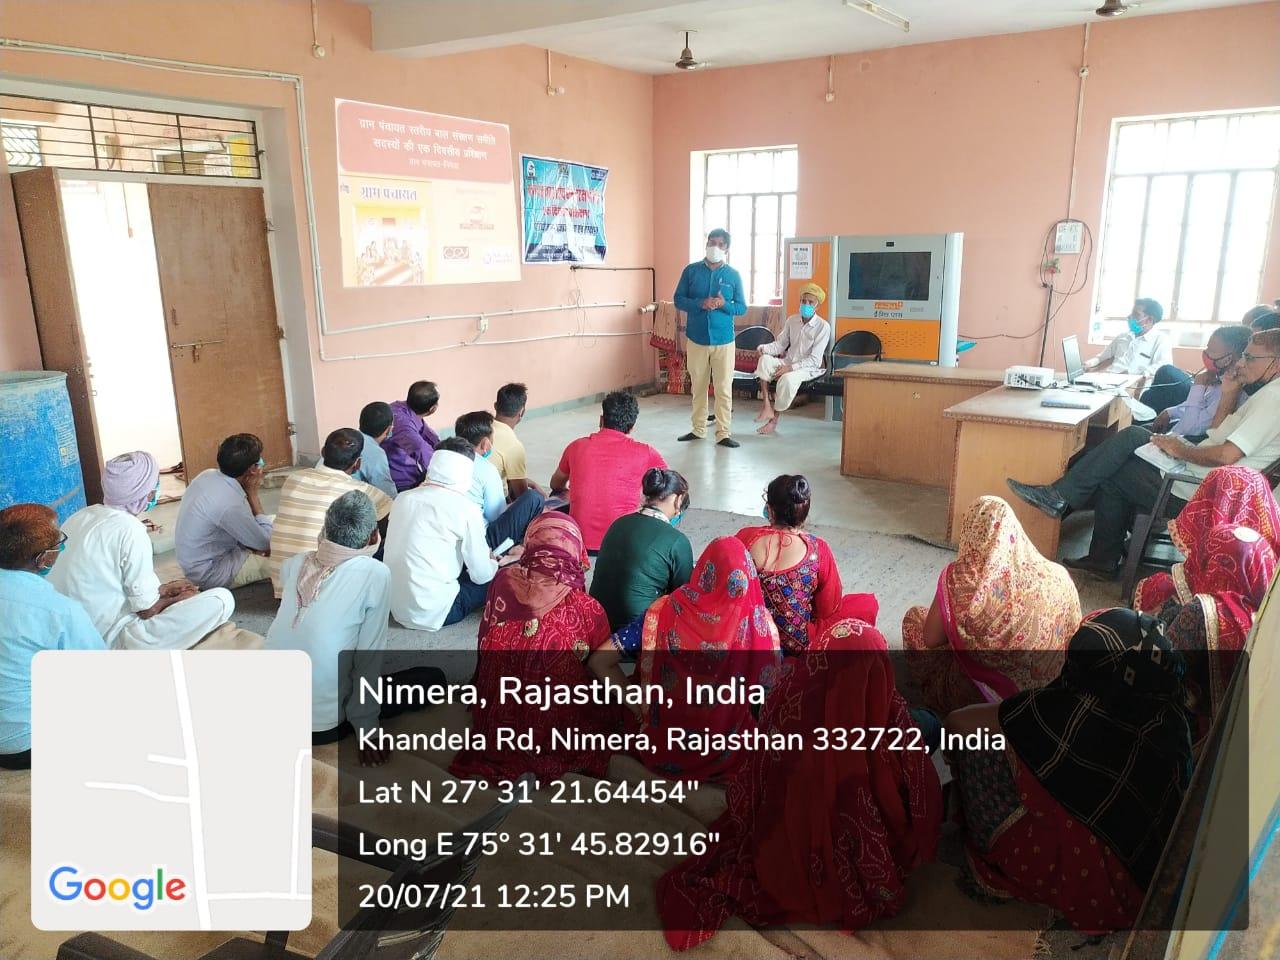 School Management Committee Members trained in Khandela, Sikar